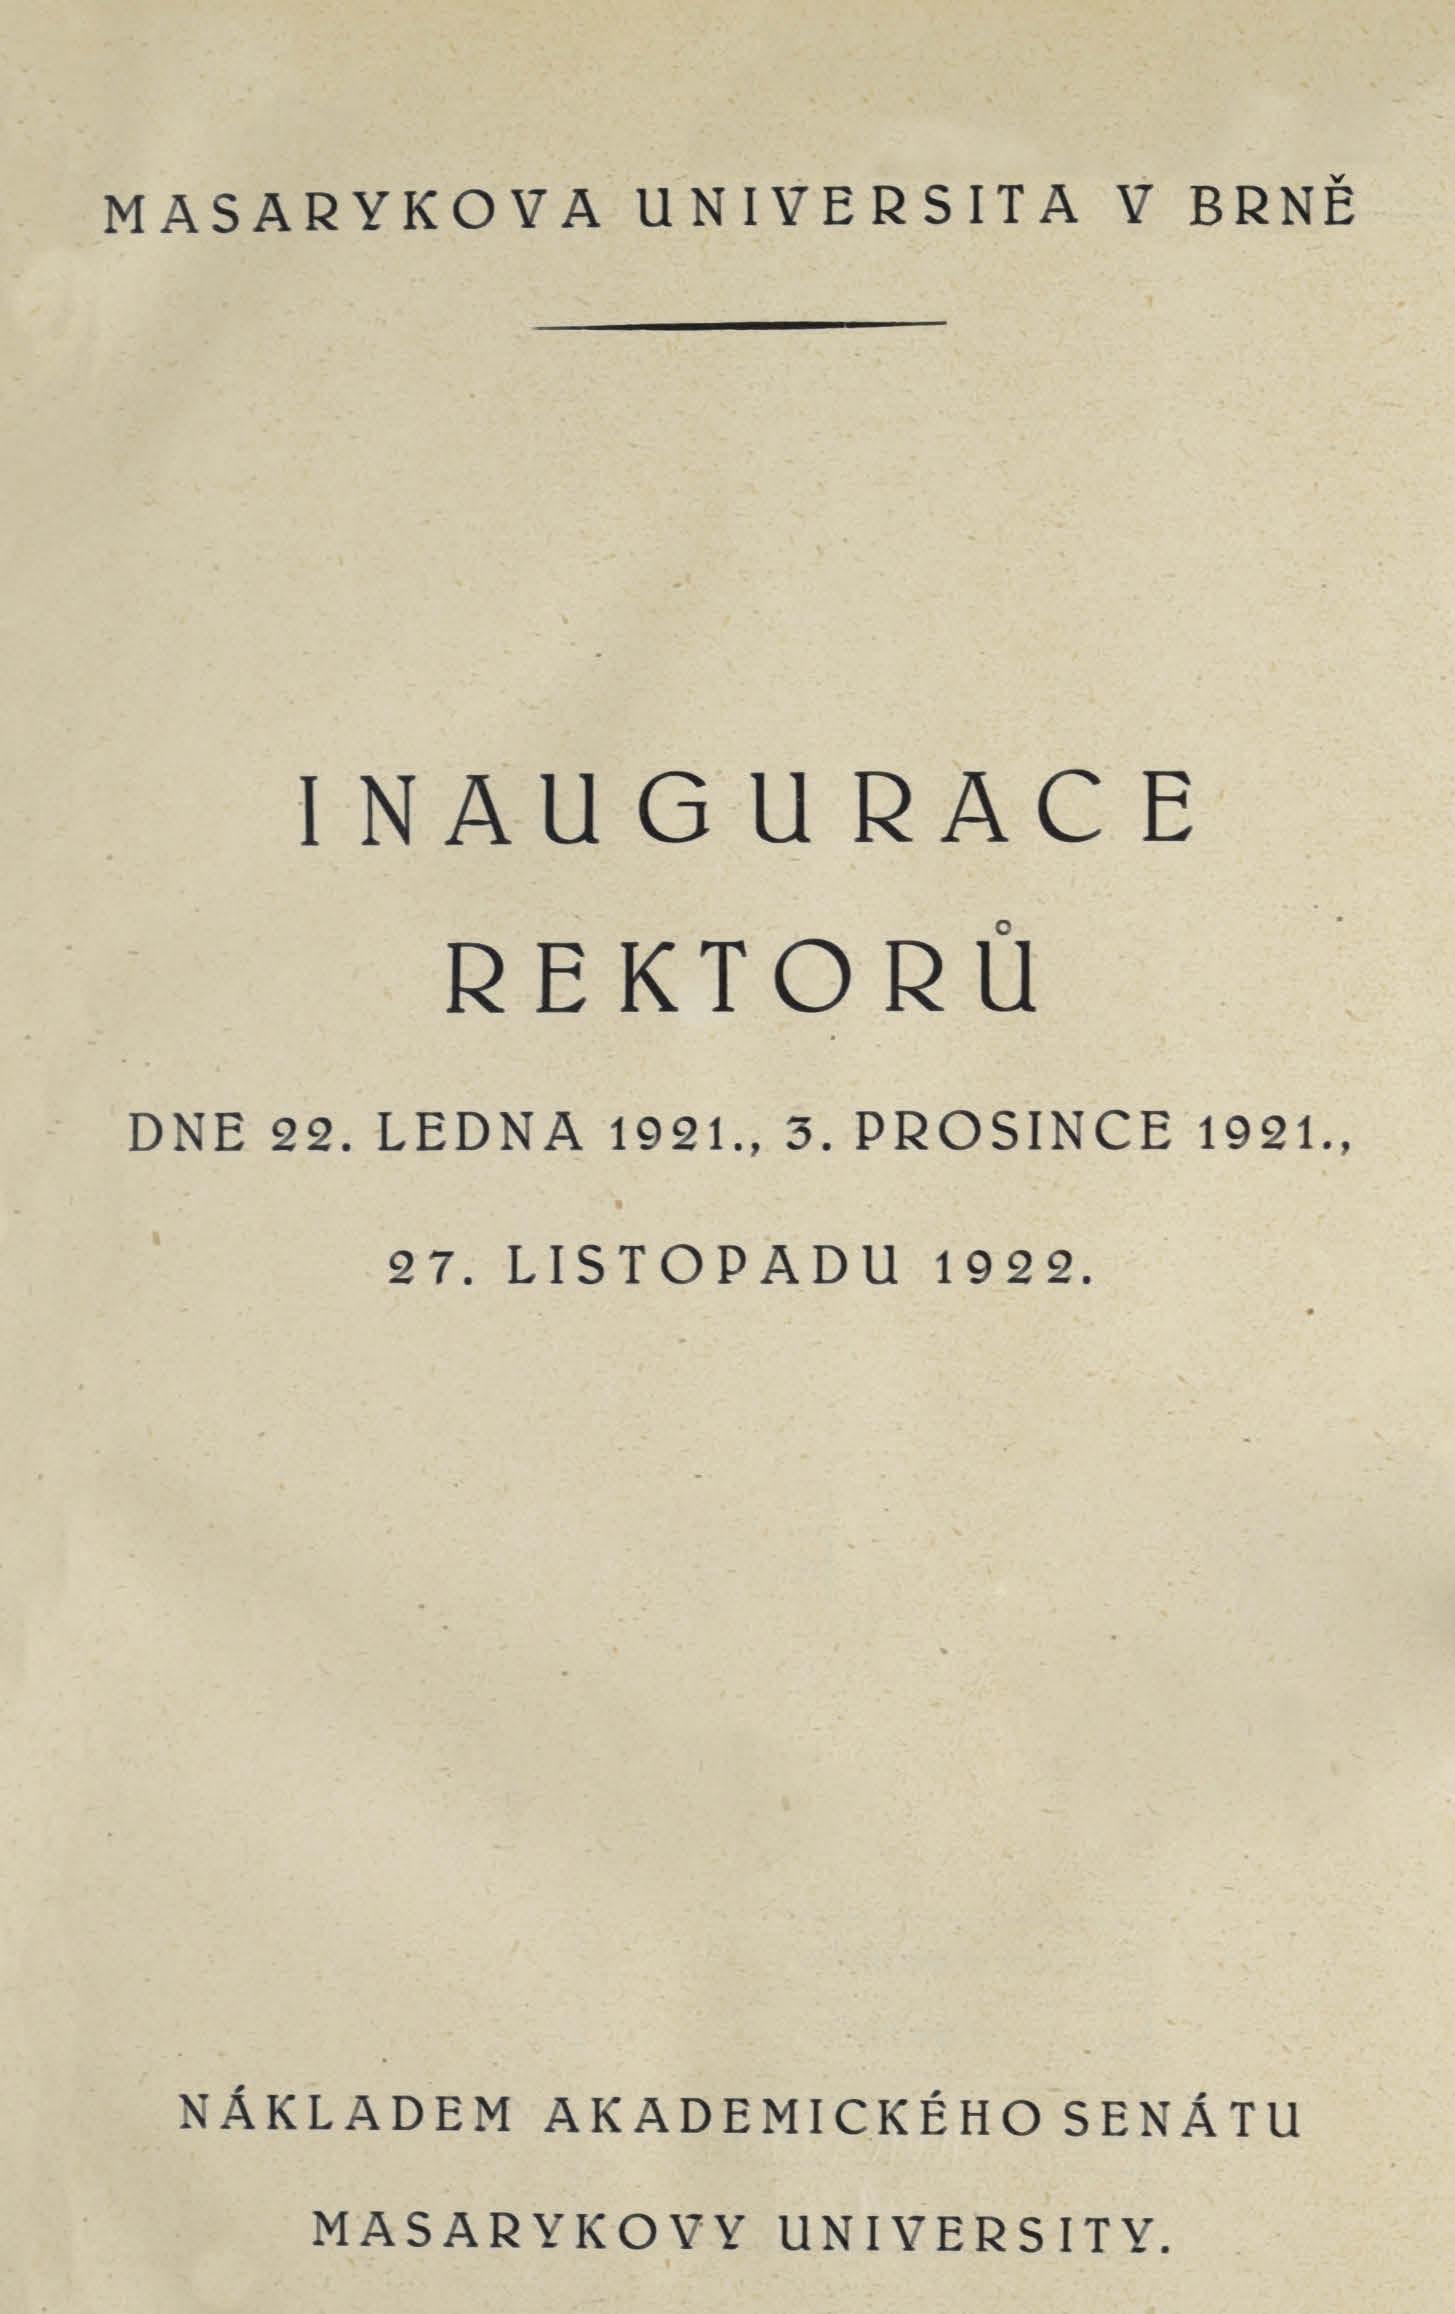 Obálka pro Inaugurace rektorů dne 22. ledna 1921, 3. prosince 1921, 27. listopadu 1922